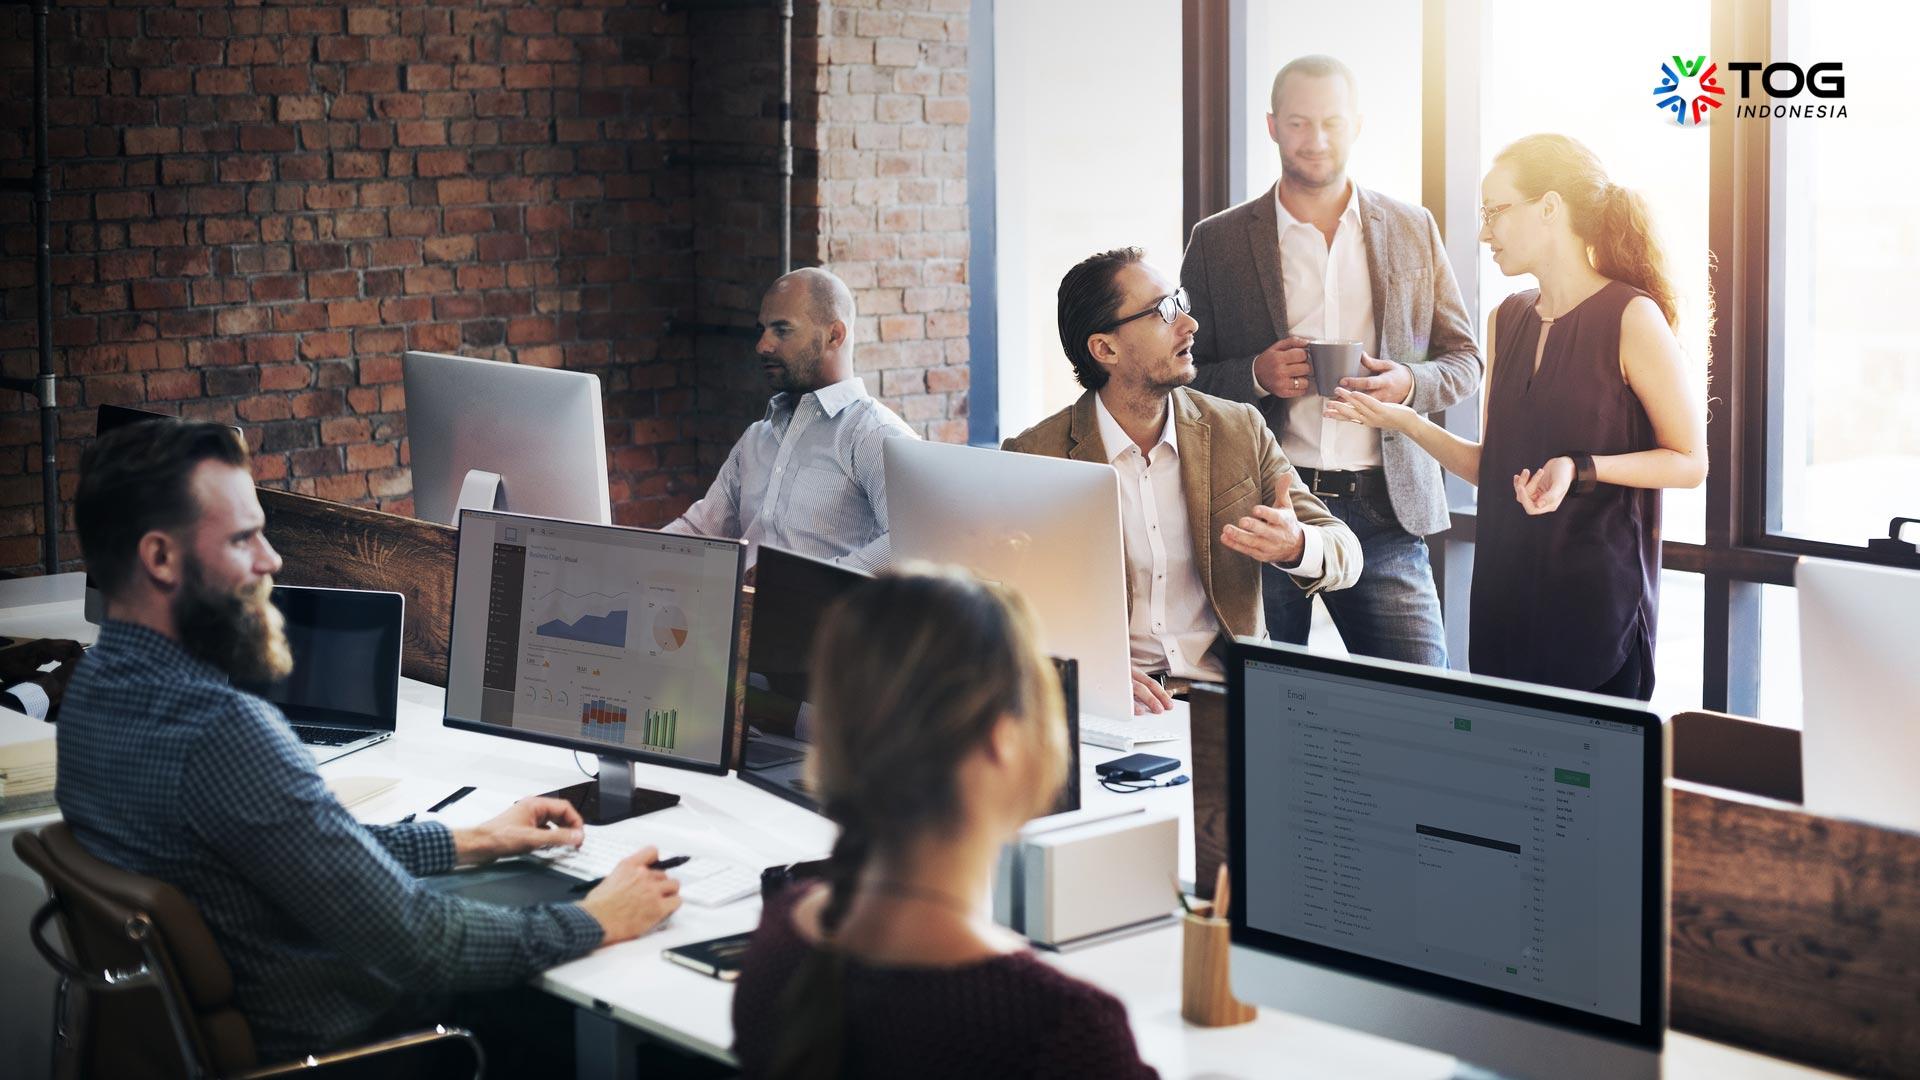 Perusahaan IT di Jakarta yang Bantu Perkembangan Bisnis Anda